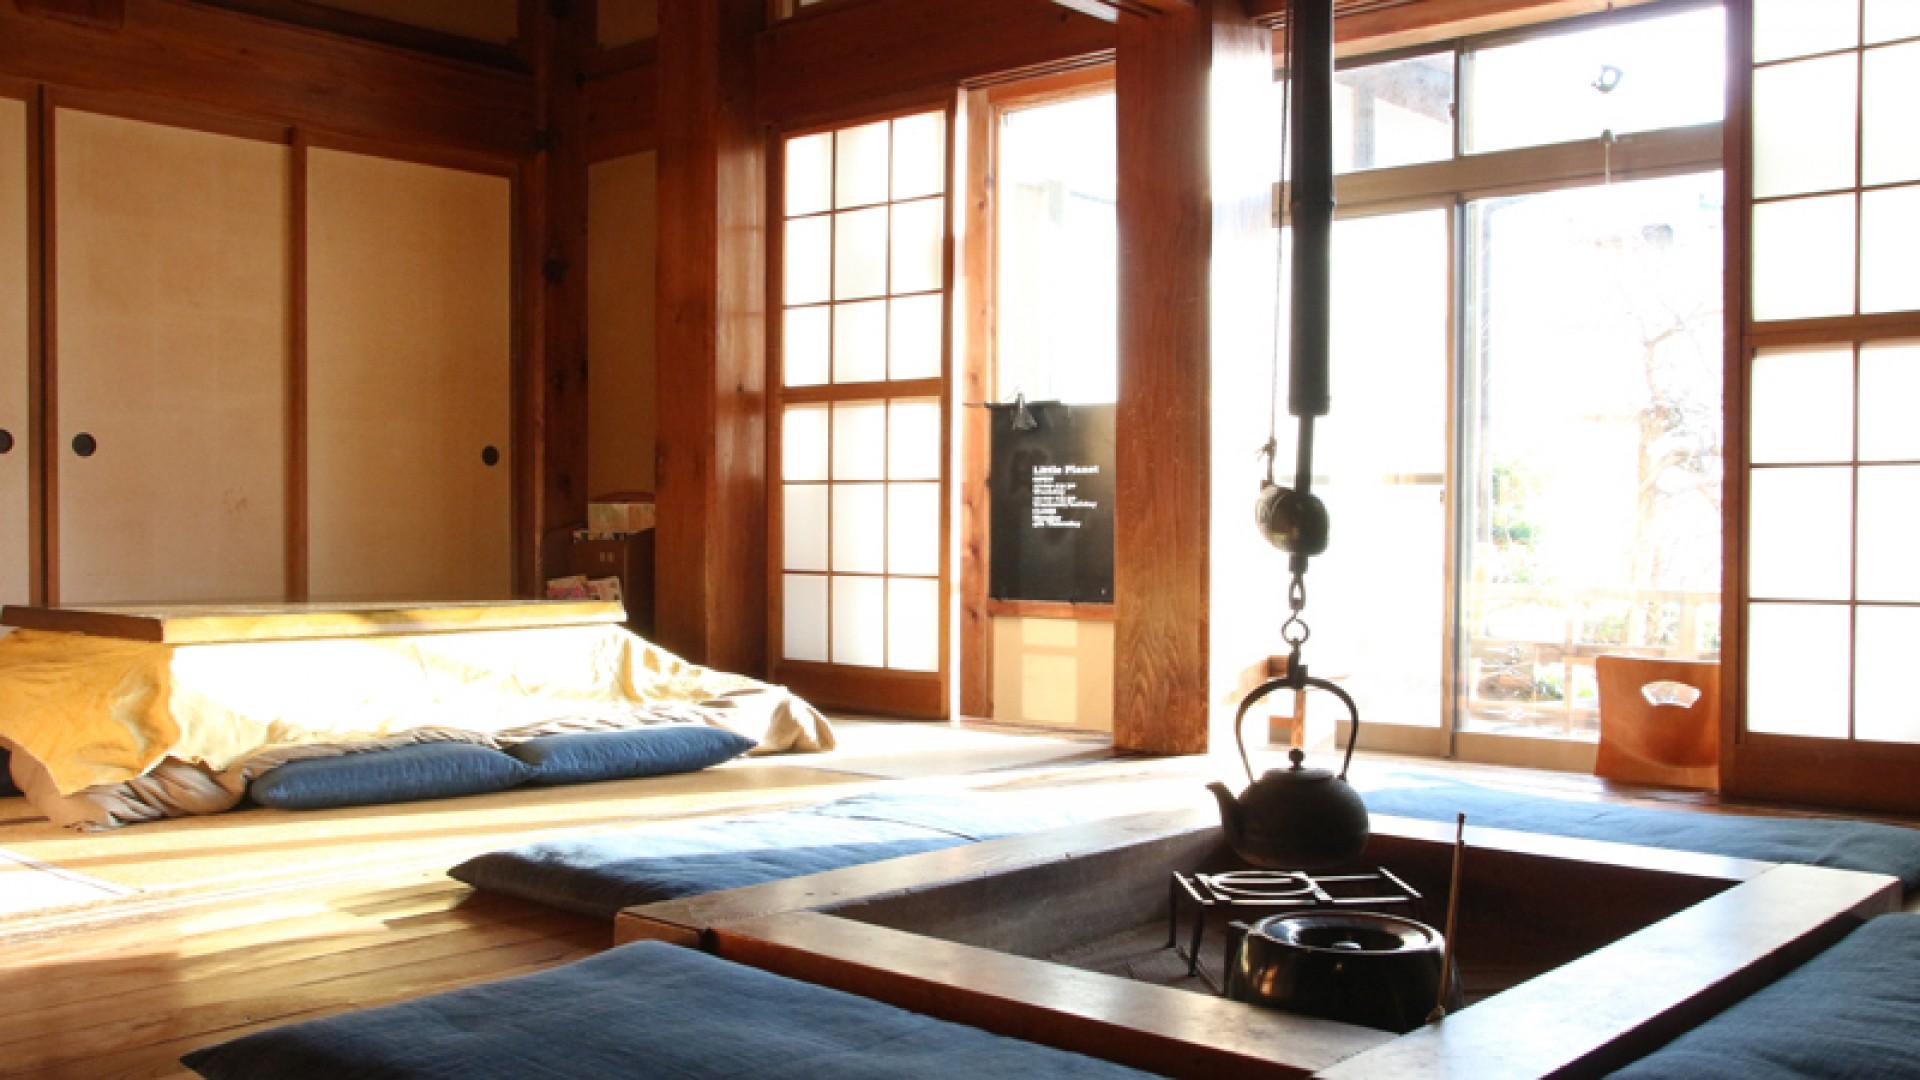 Maison d'hotes Kamakura